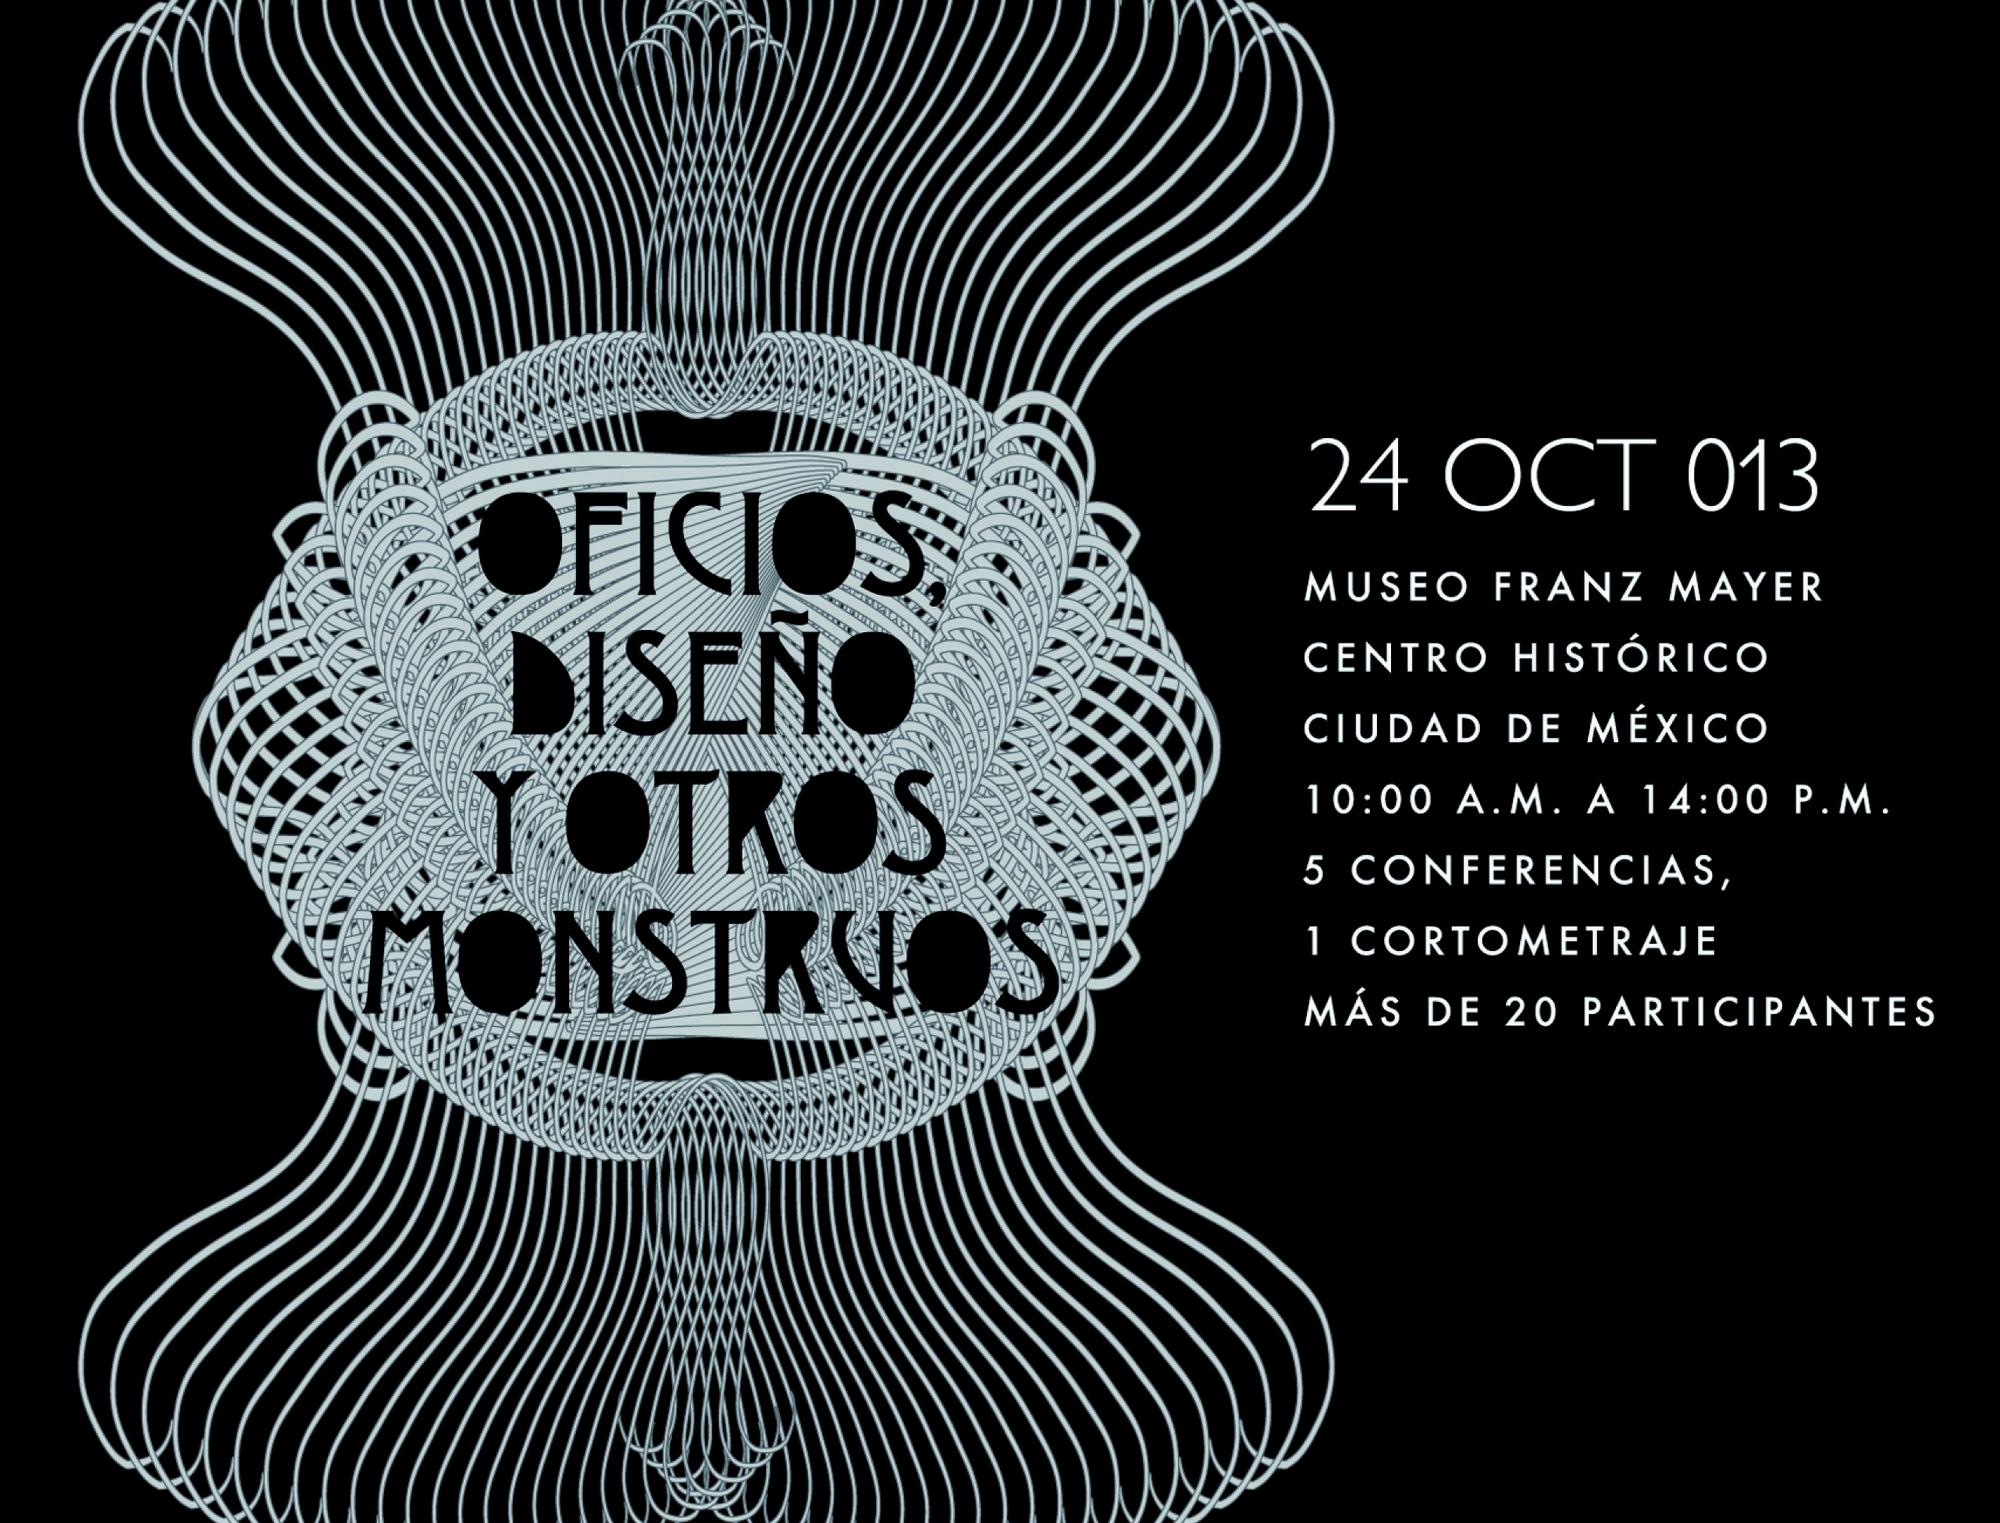 Oficios, Diseño y otros Monstruos / Ciclo de conferencias de AMD en Museo Franz Mayer